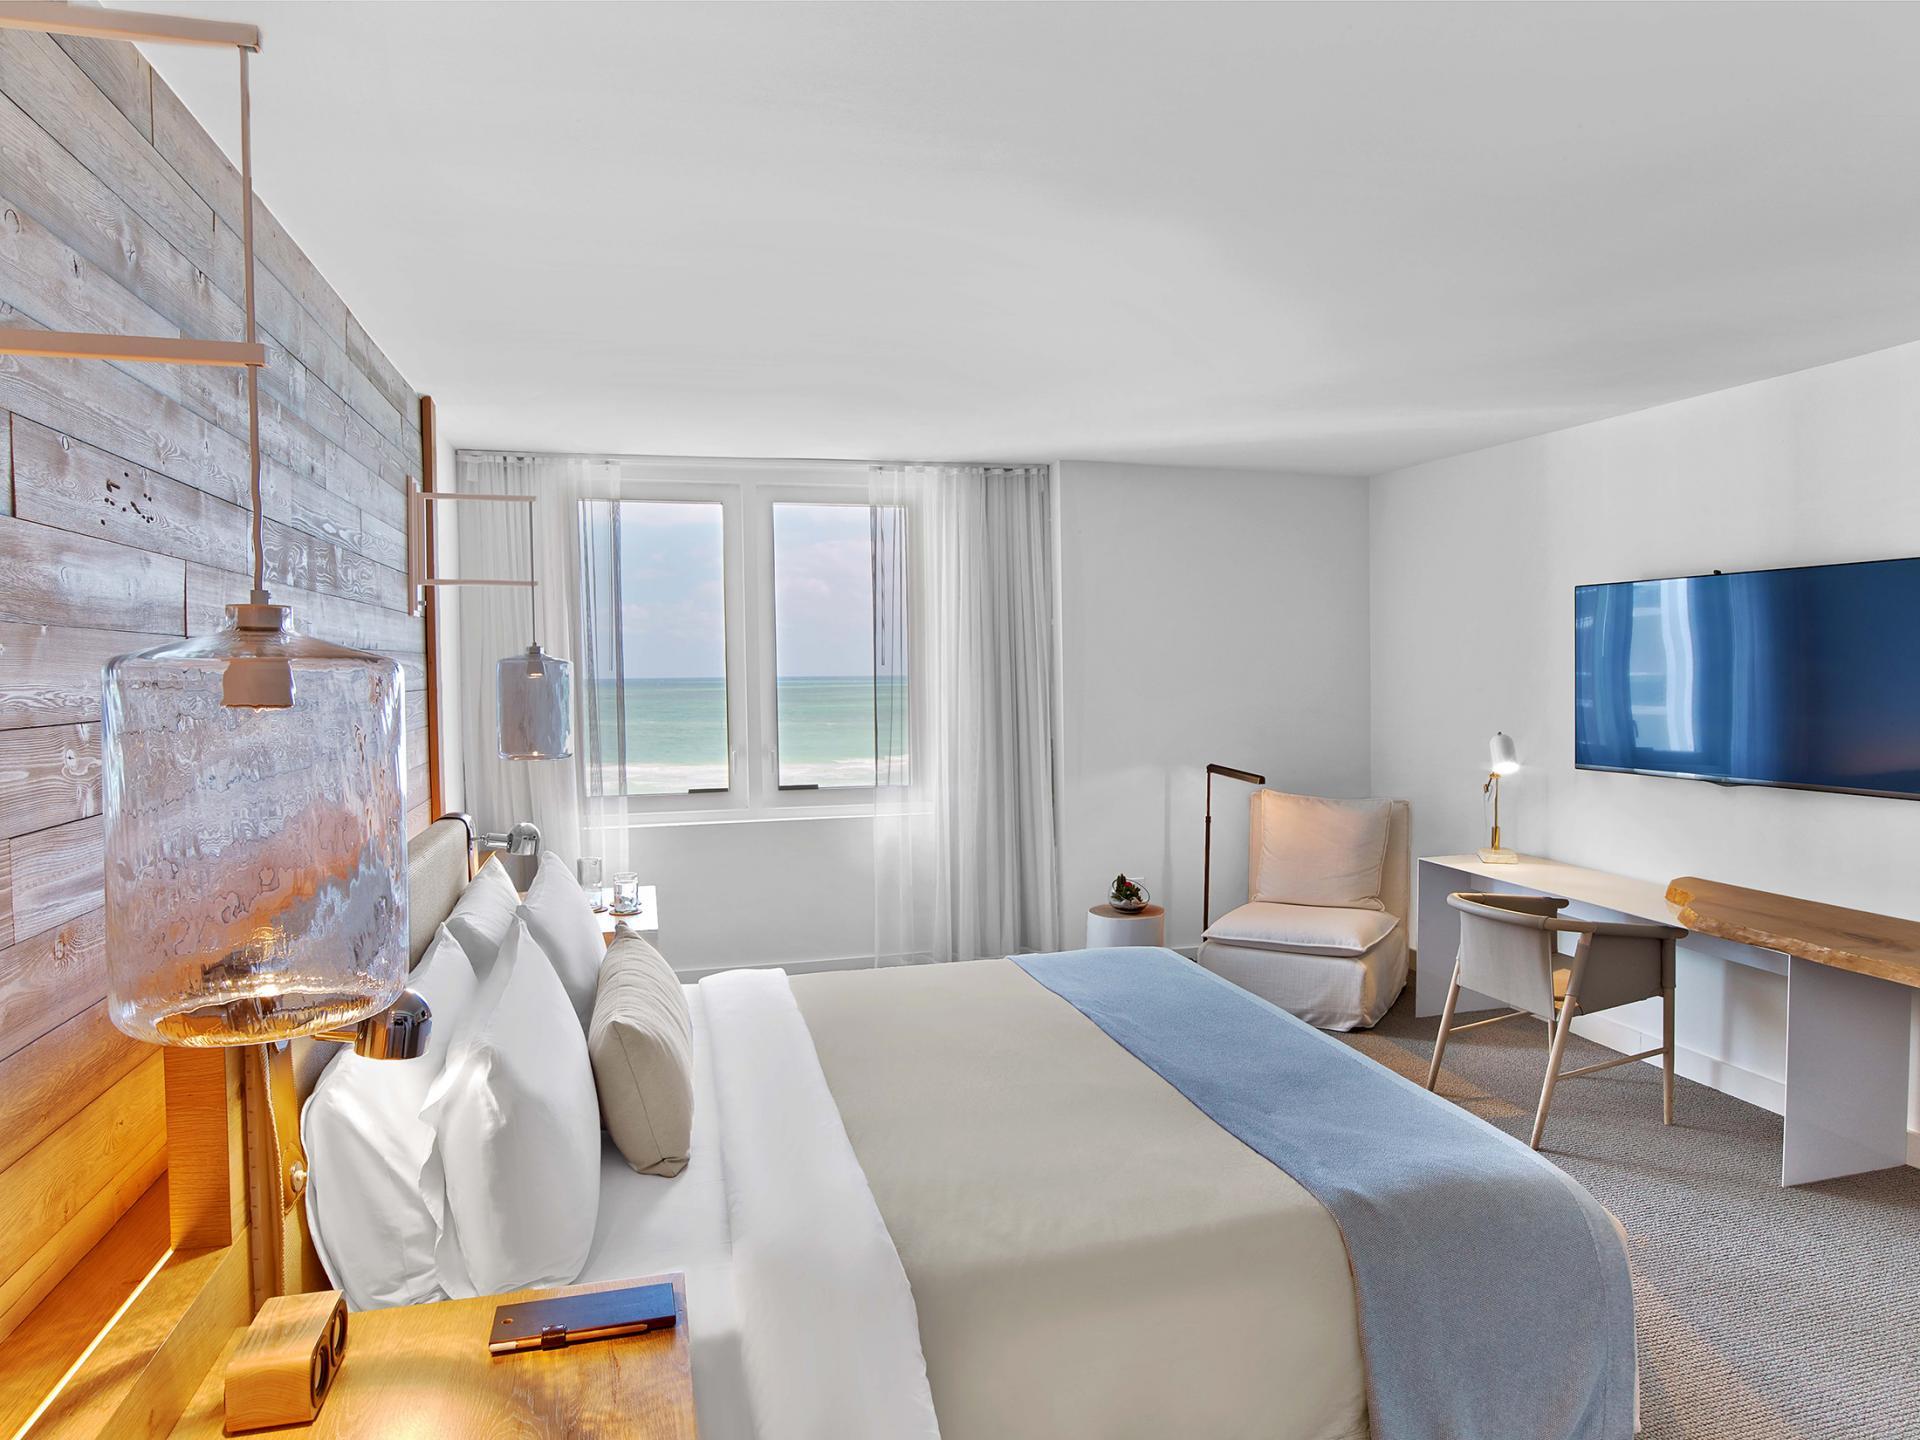 1 Bedroom with oceanfront